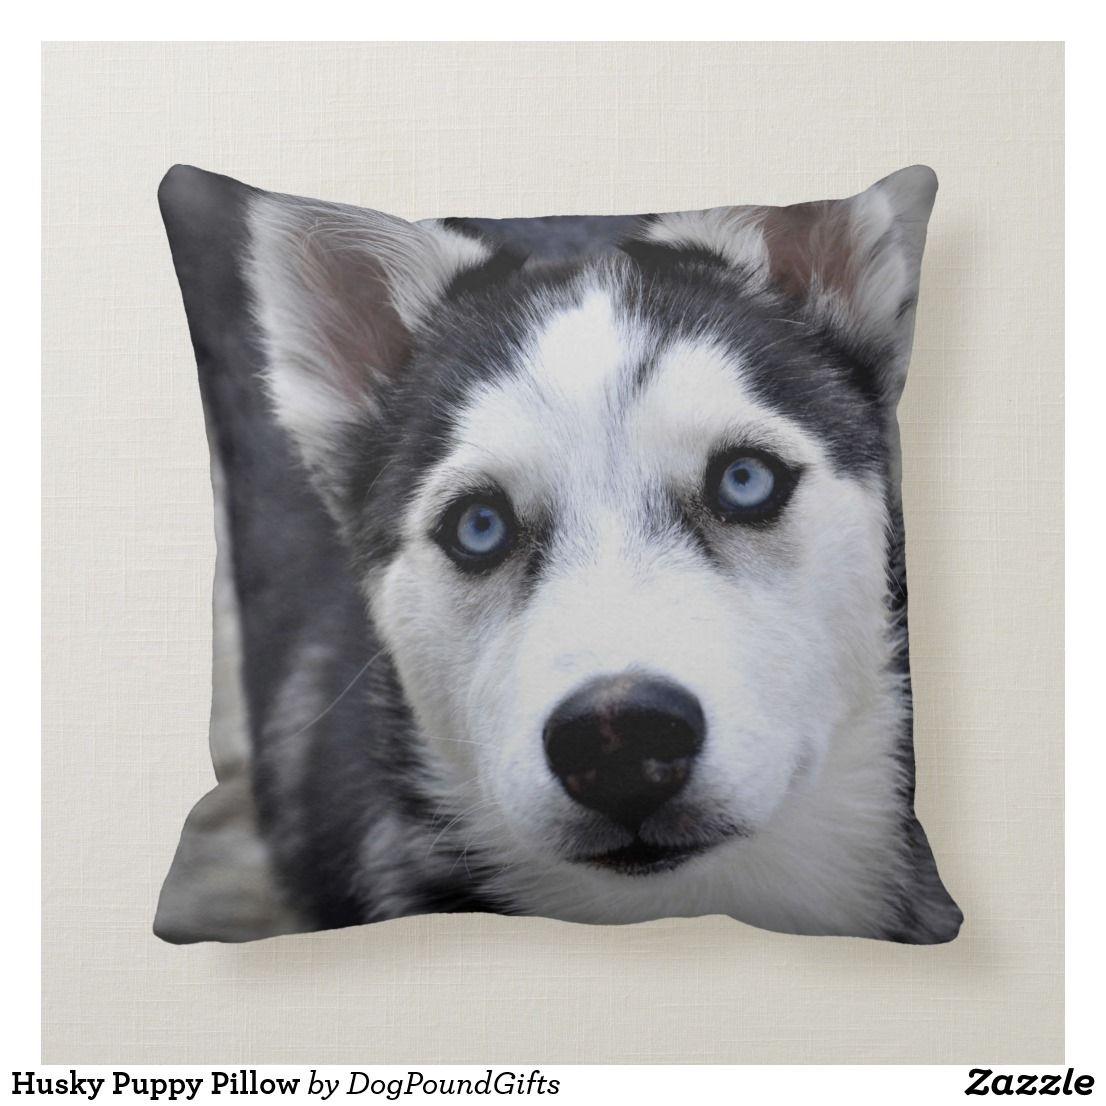 Husky puppy pillow puppy pillows husky